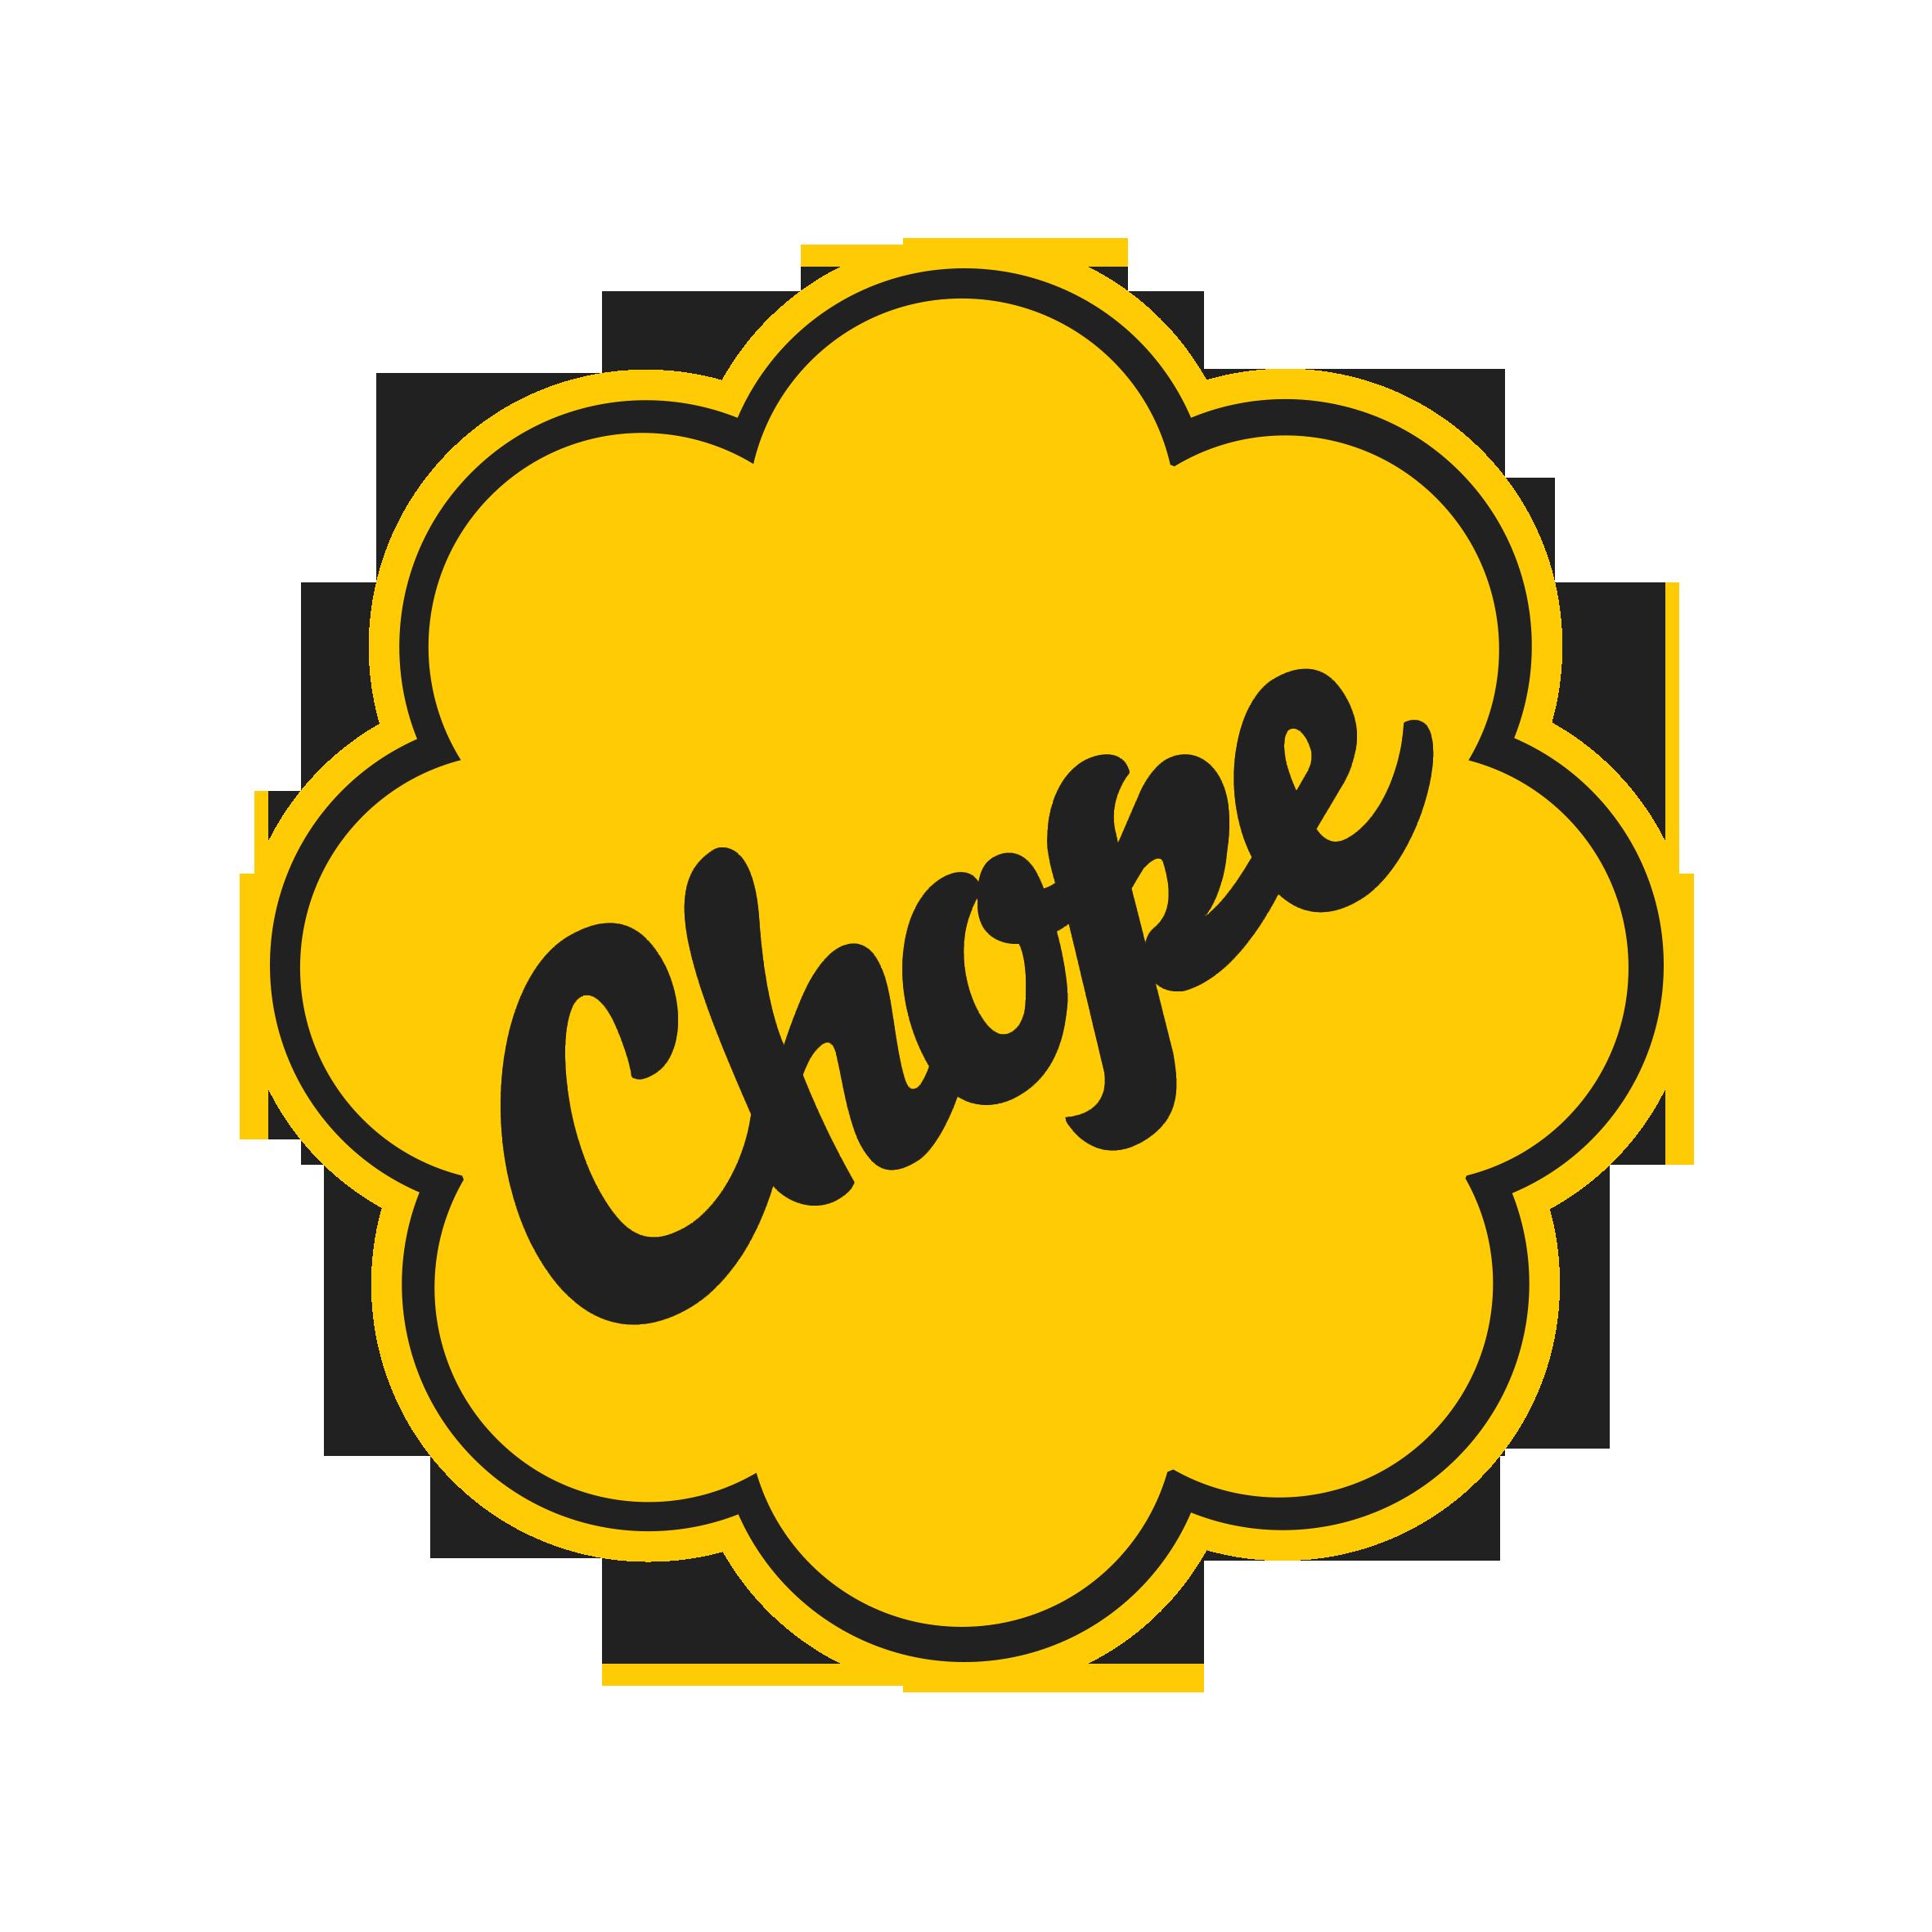 chope-logo-1